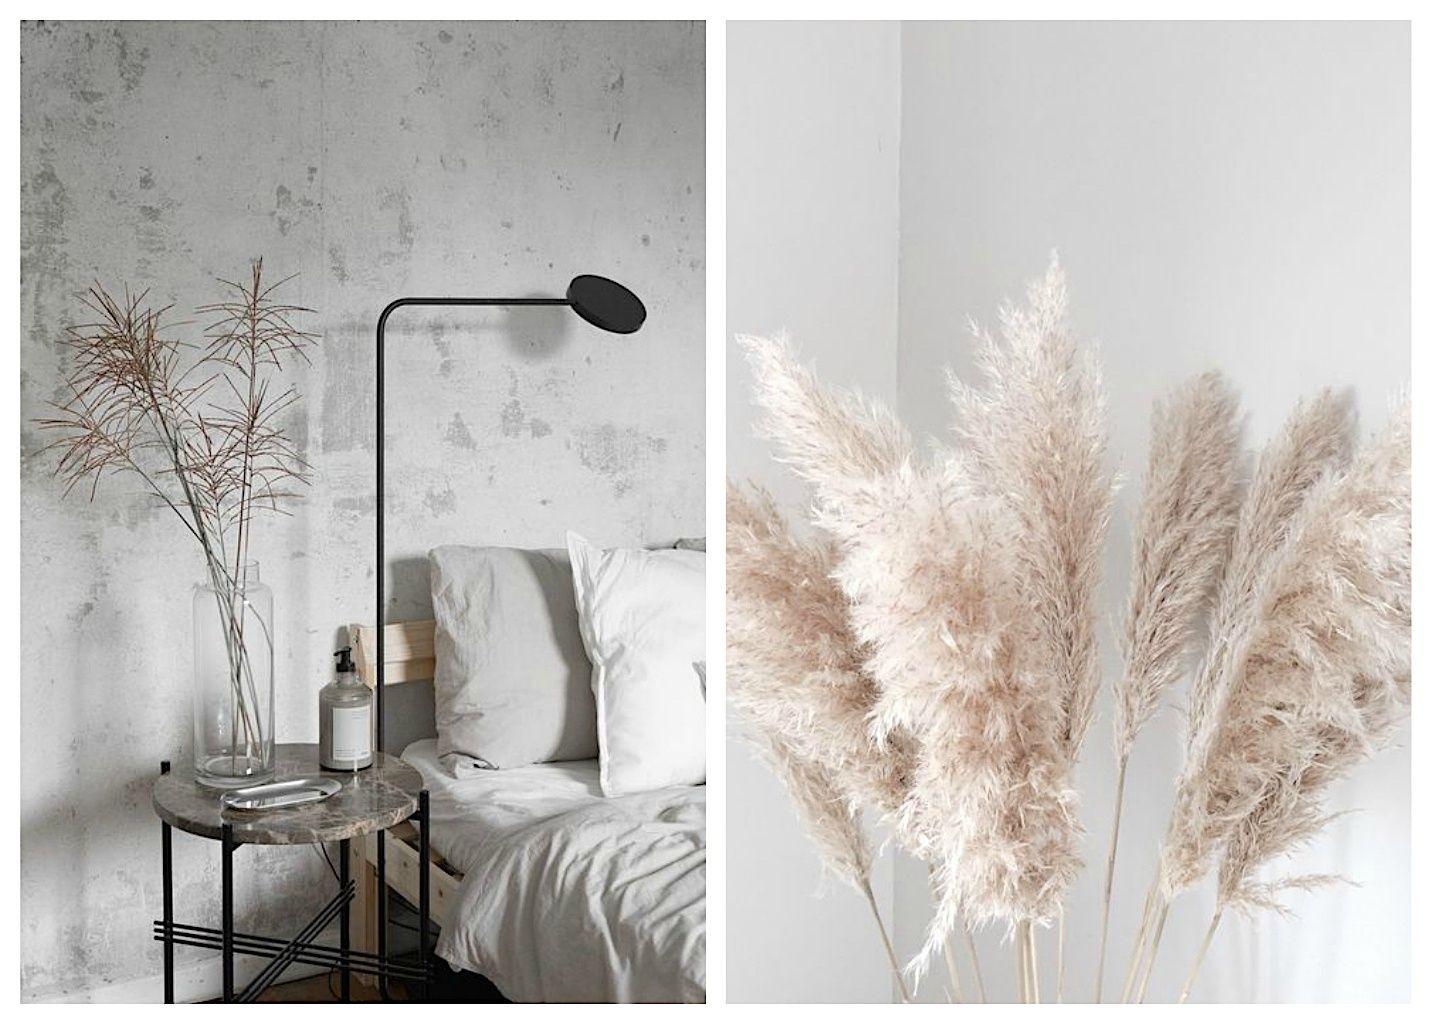 Tendencias en decoración de interiores, decorar con flores y hierba secas, @Utrillanais